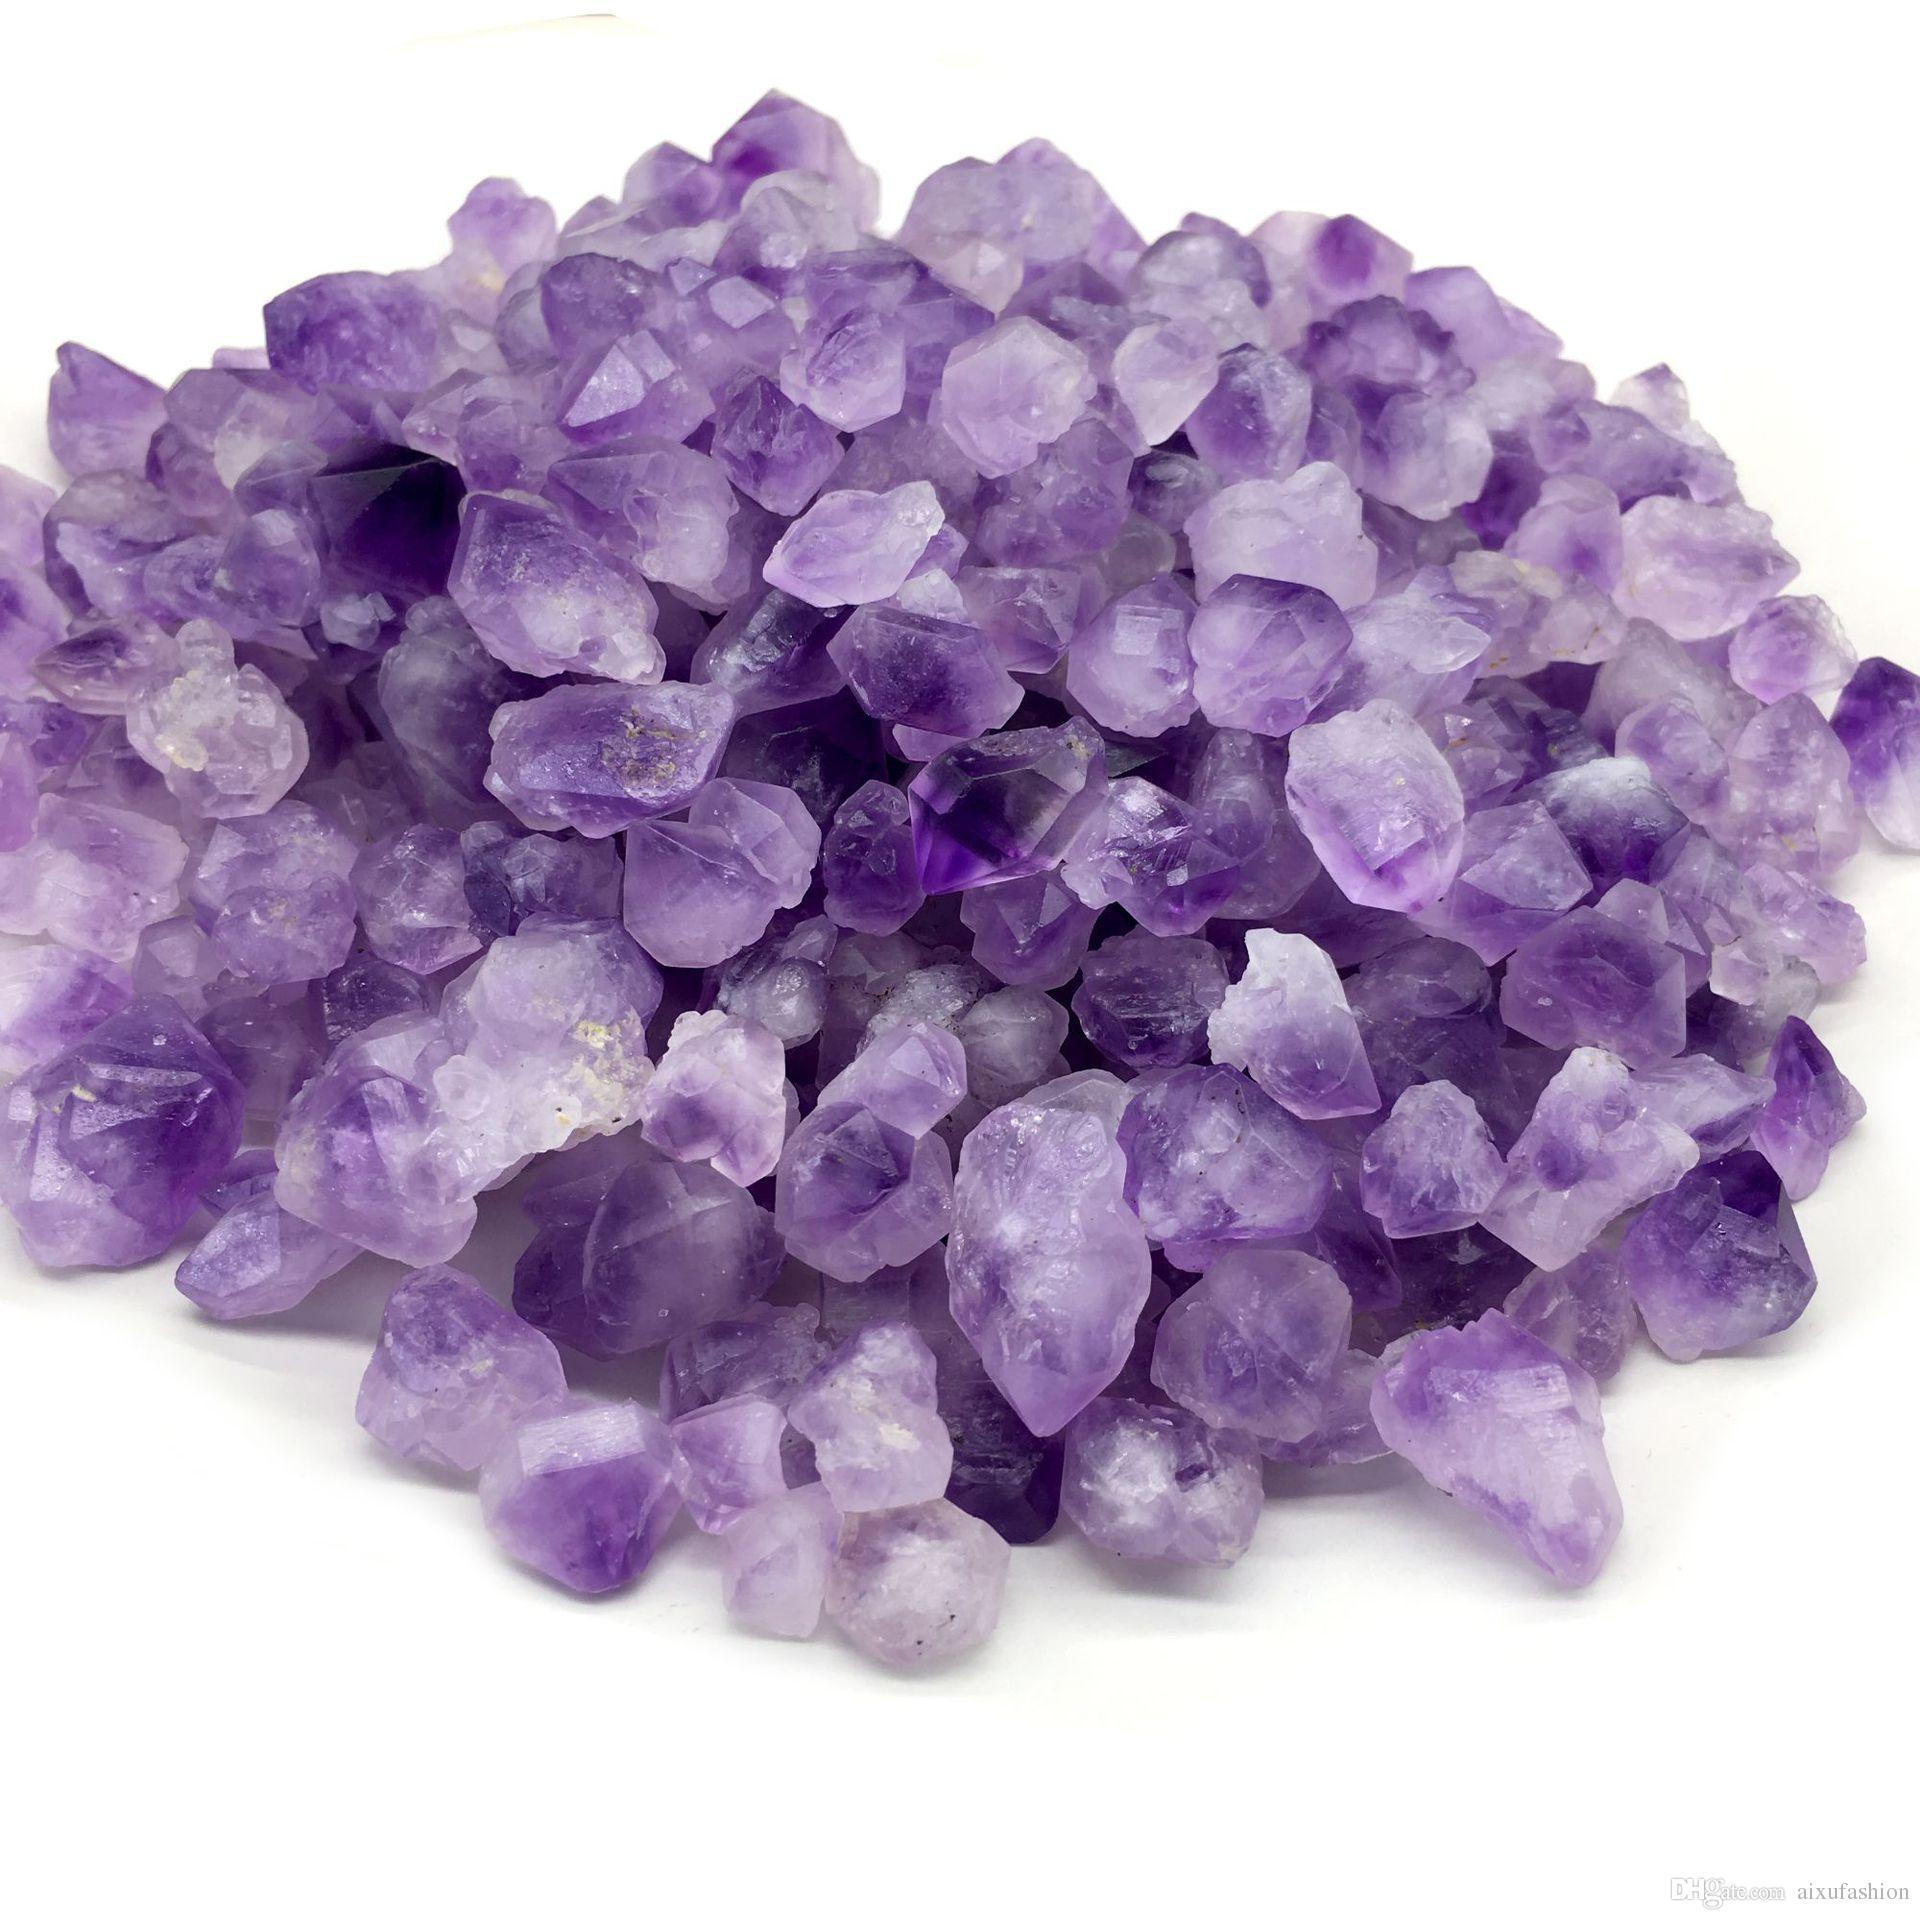 8-25mm 100 gr / los Natürliche Amethyst Zahn Stein Perlen Unregelmäßigen Losen Lavendel Amethyst Rohen Stein Perlen Mineralien